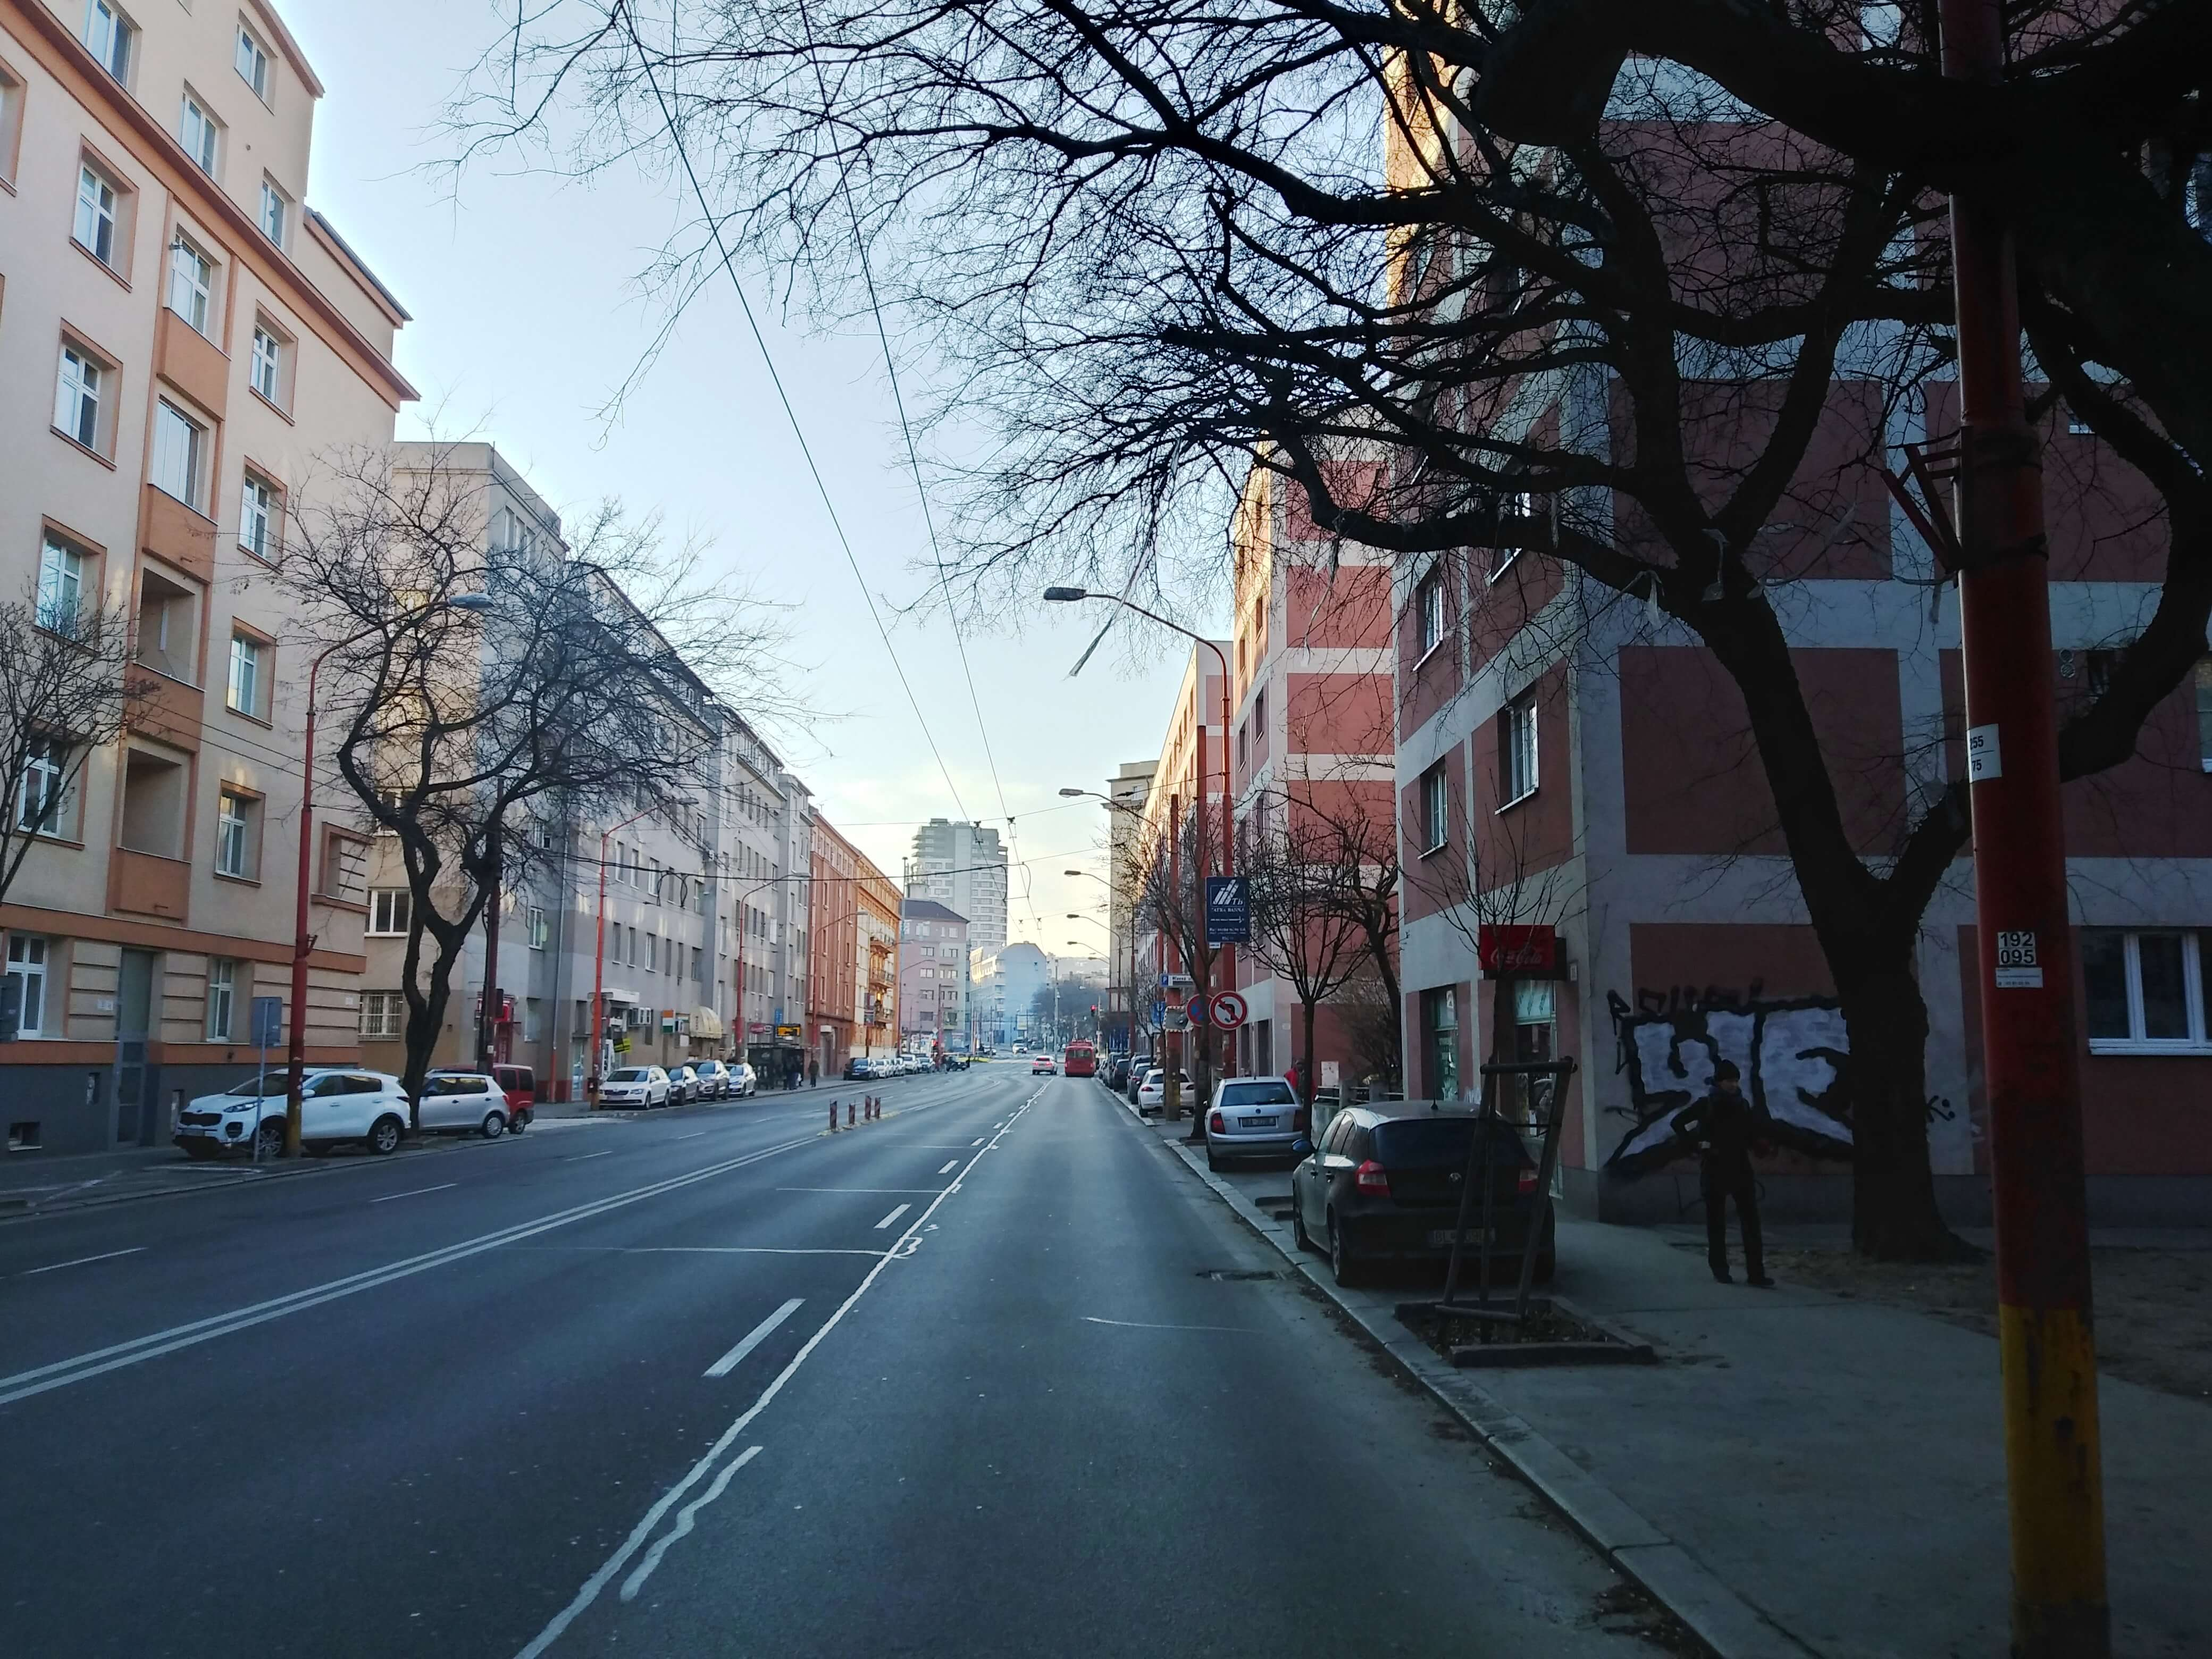 Prenájom jednej izby v 2 izb. byte, staré mesto, Šancová ulica, Bratislava, 80m2, zariadený-34